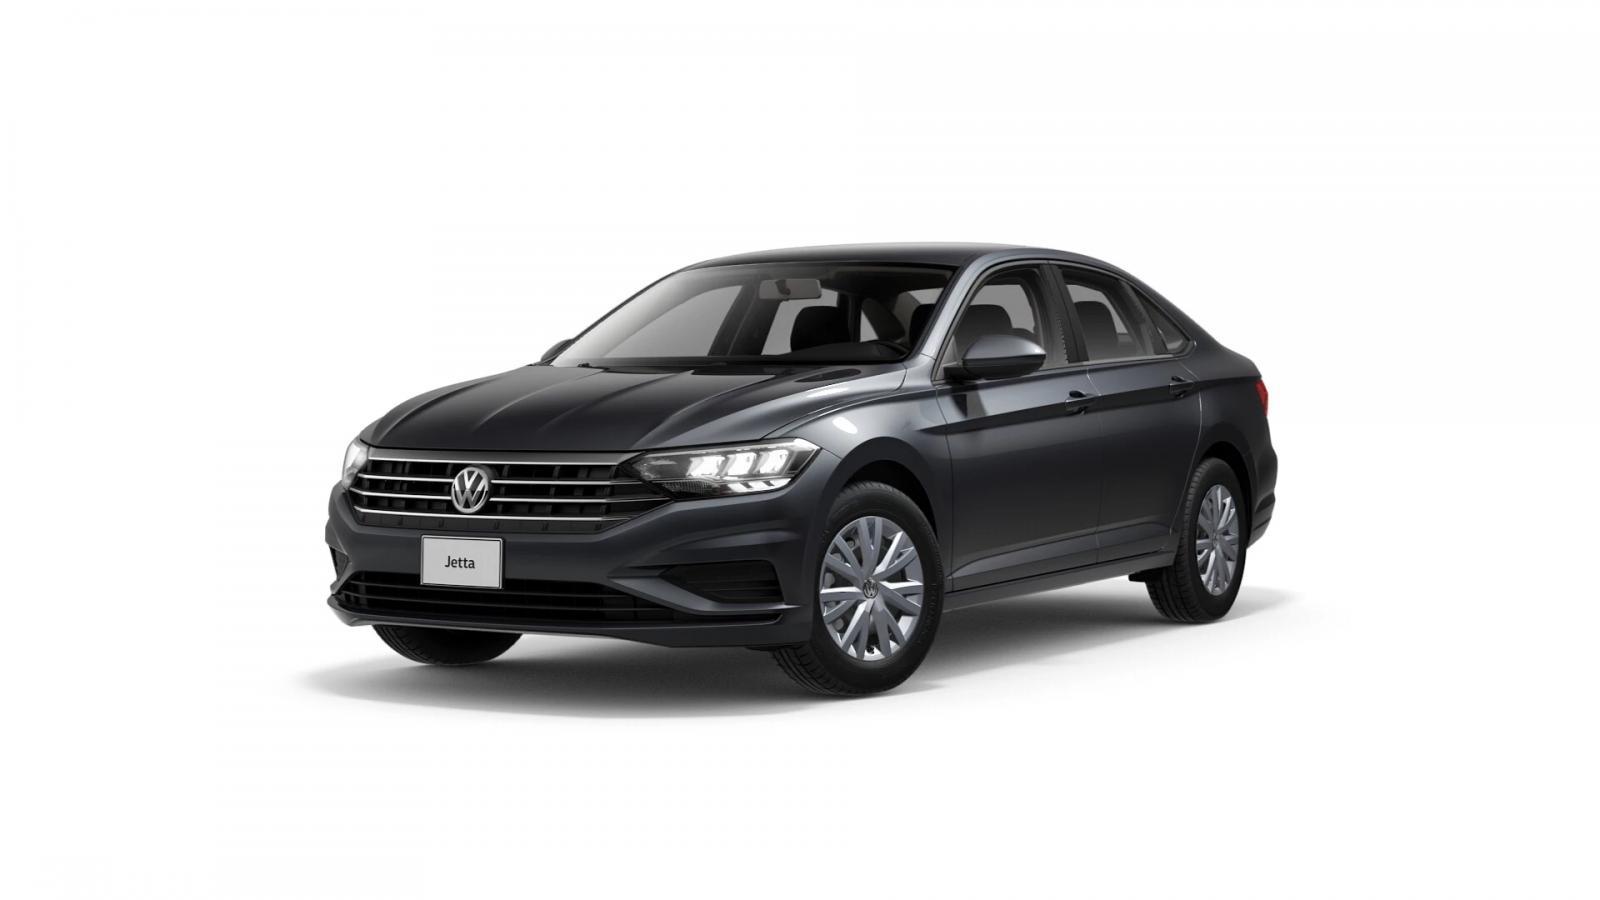 Volkswagen Jetta precio mexico